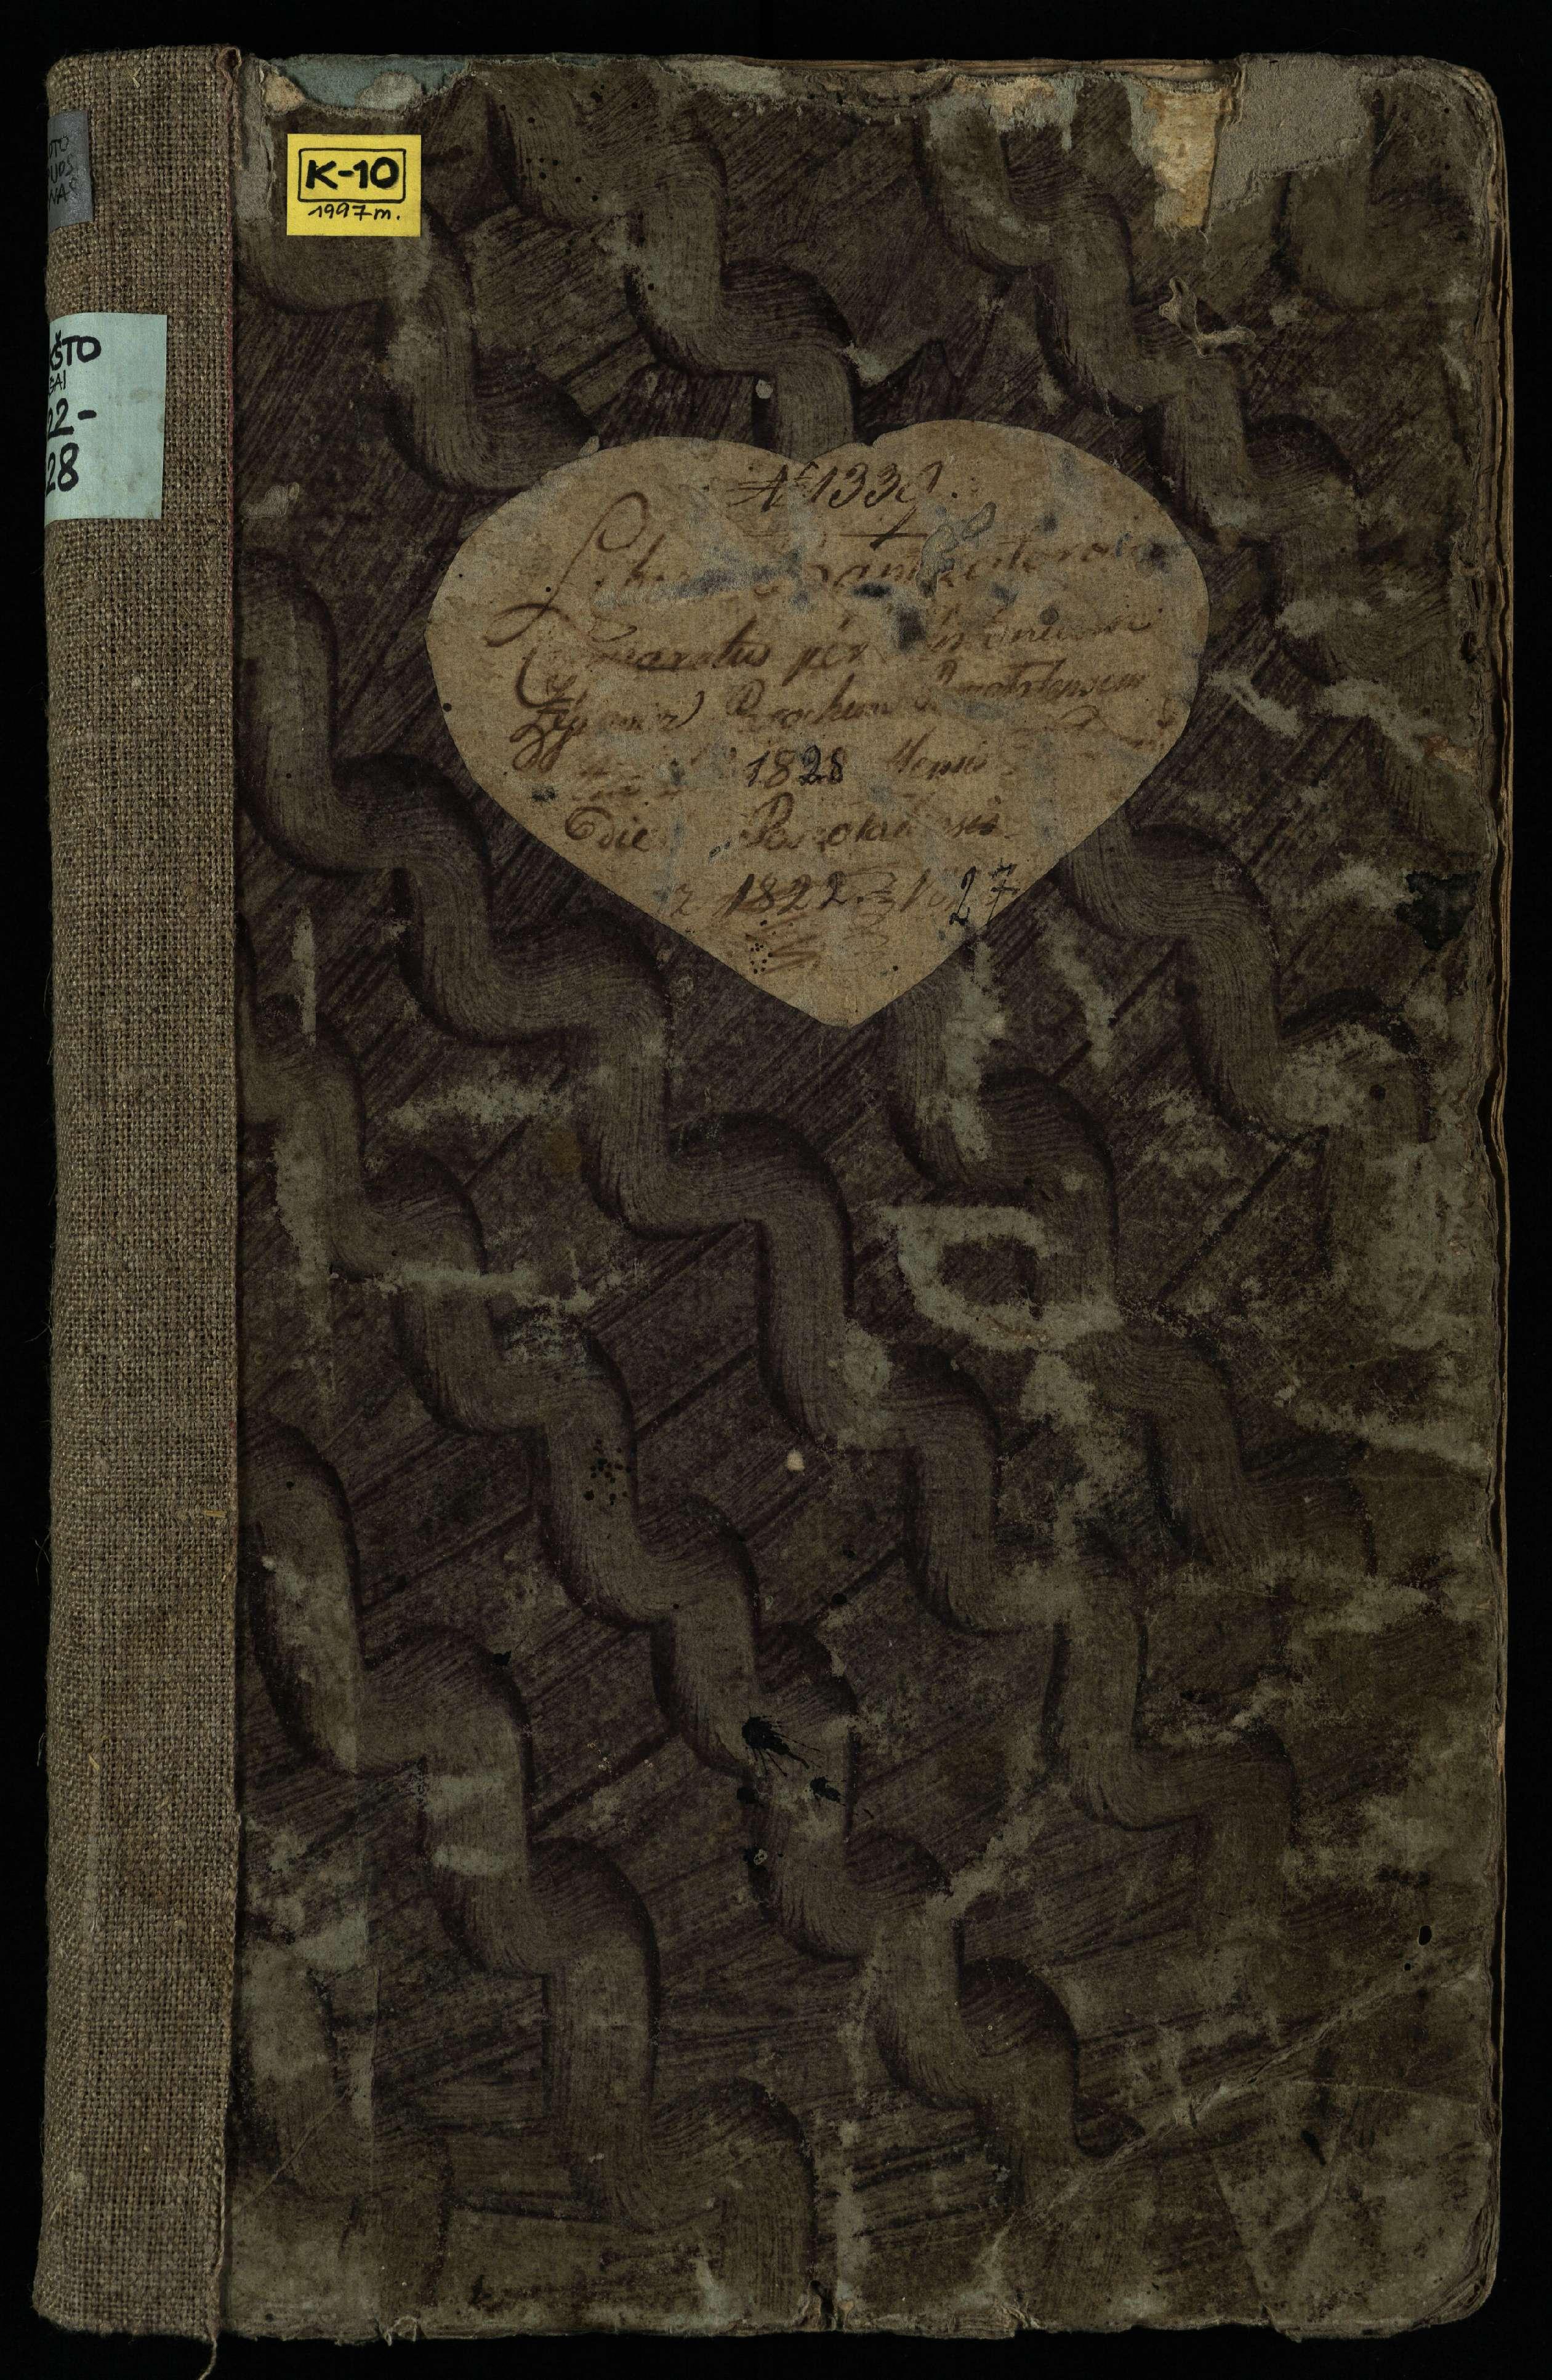 Pušaloto Romos katalikų parapijos bažnyčios 1822–1828 metų krikšto metrikų knyga